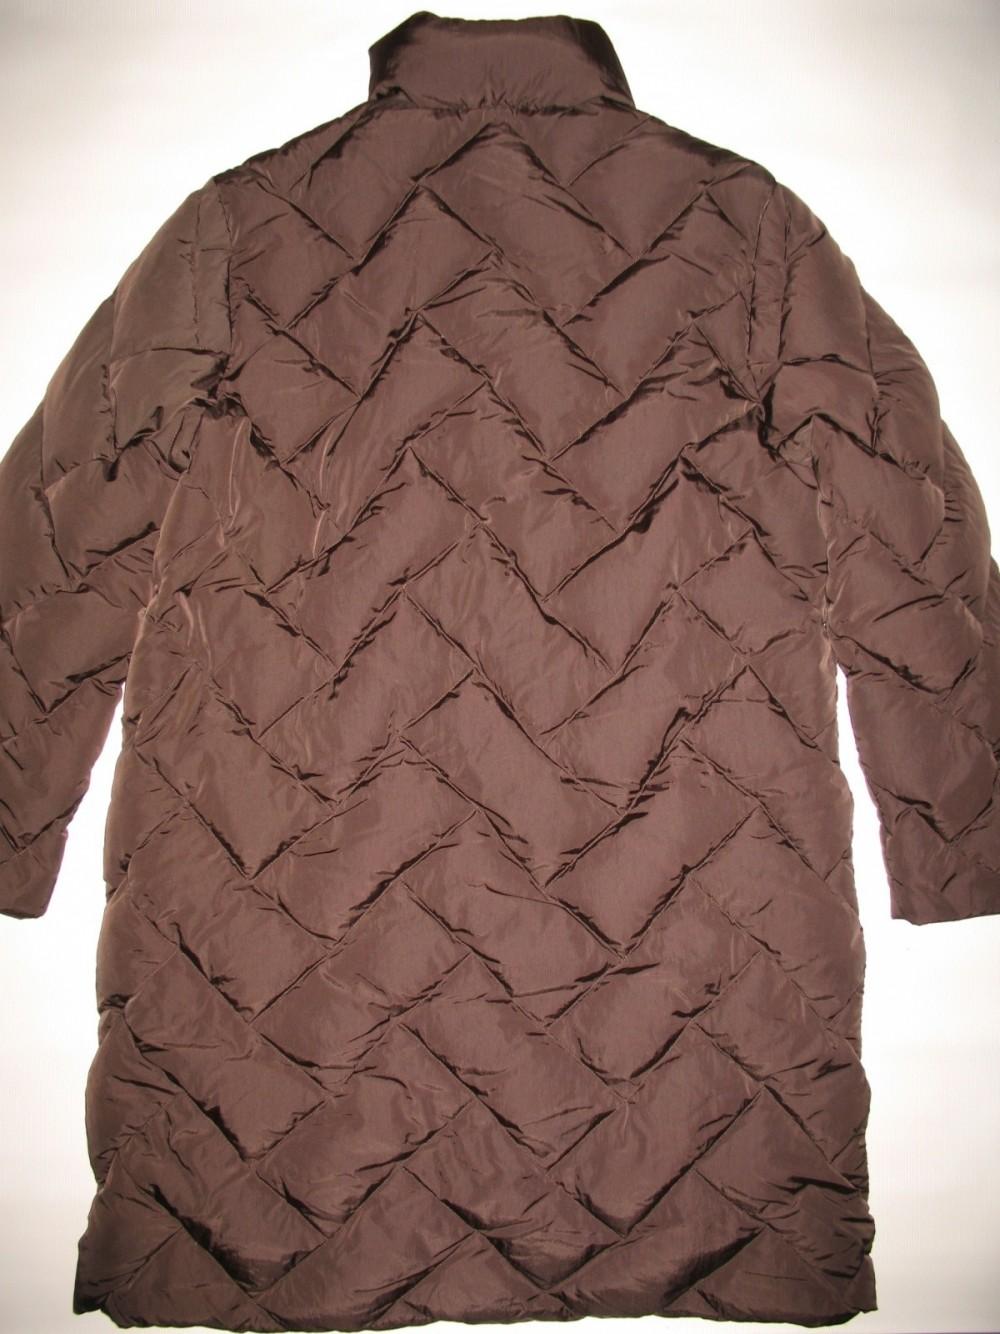 Пальто MONCLER down lady (размер 5/XL) - 3